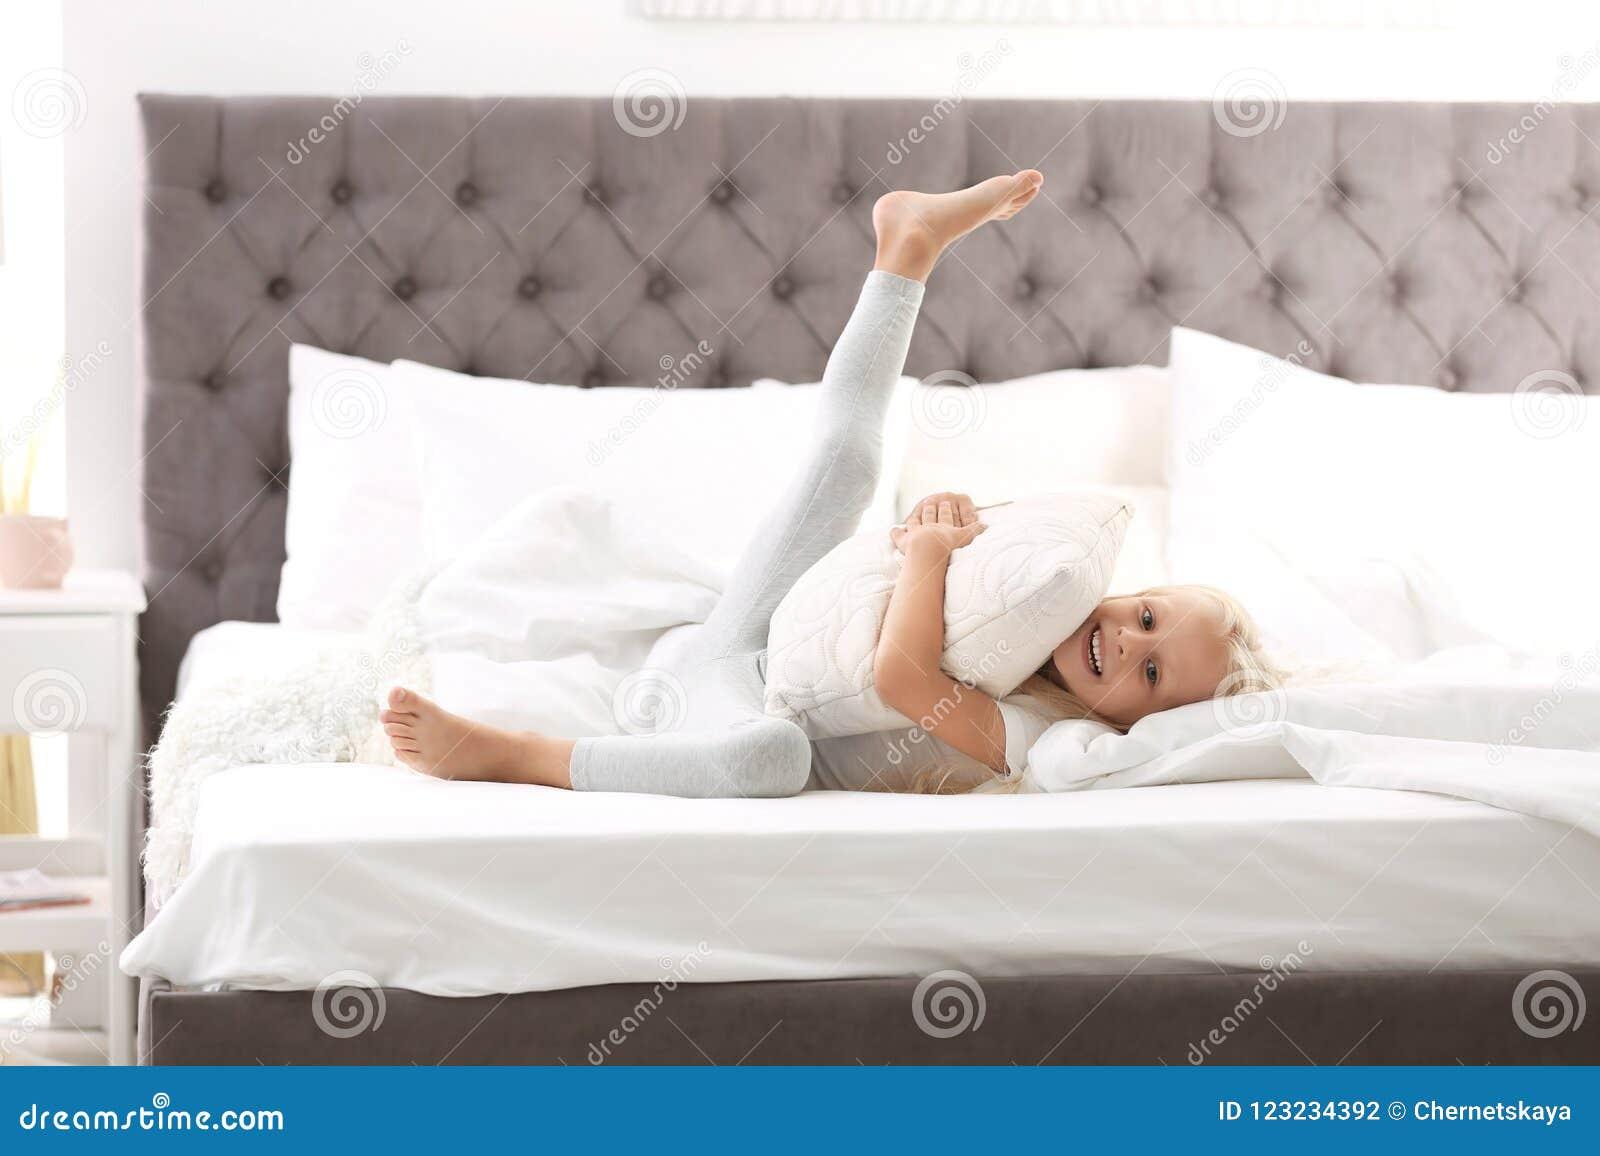 Χαριτωμένο μικρό κορίτσι που αγκαλιάζει το μαξιλάρι στο κρεβάτι